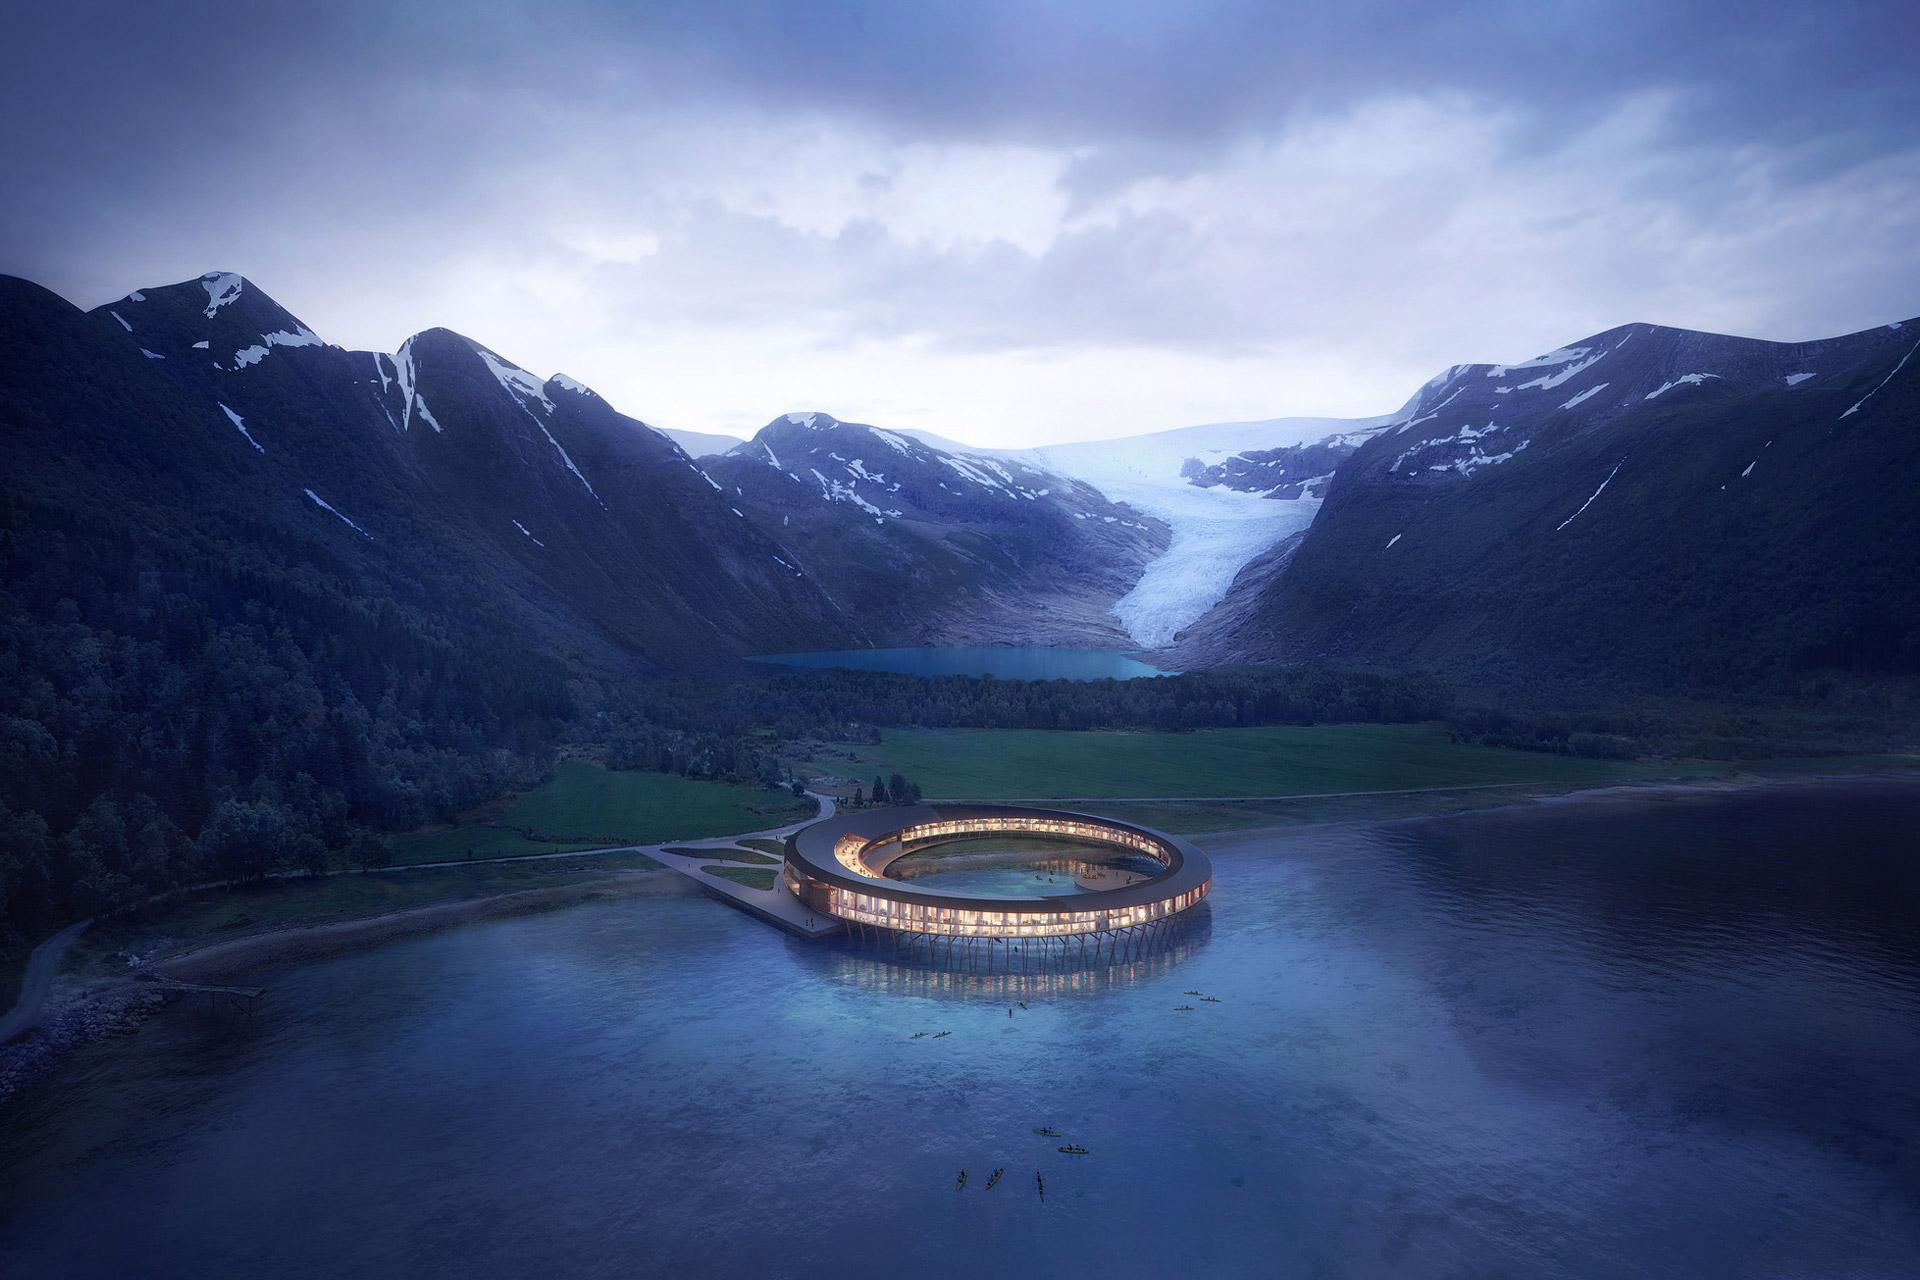 Скандинавский суперпроект: отель на солнечных батареях в арктическом климате (8 фото)